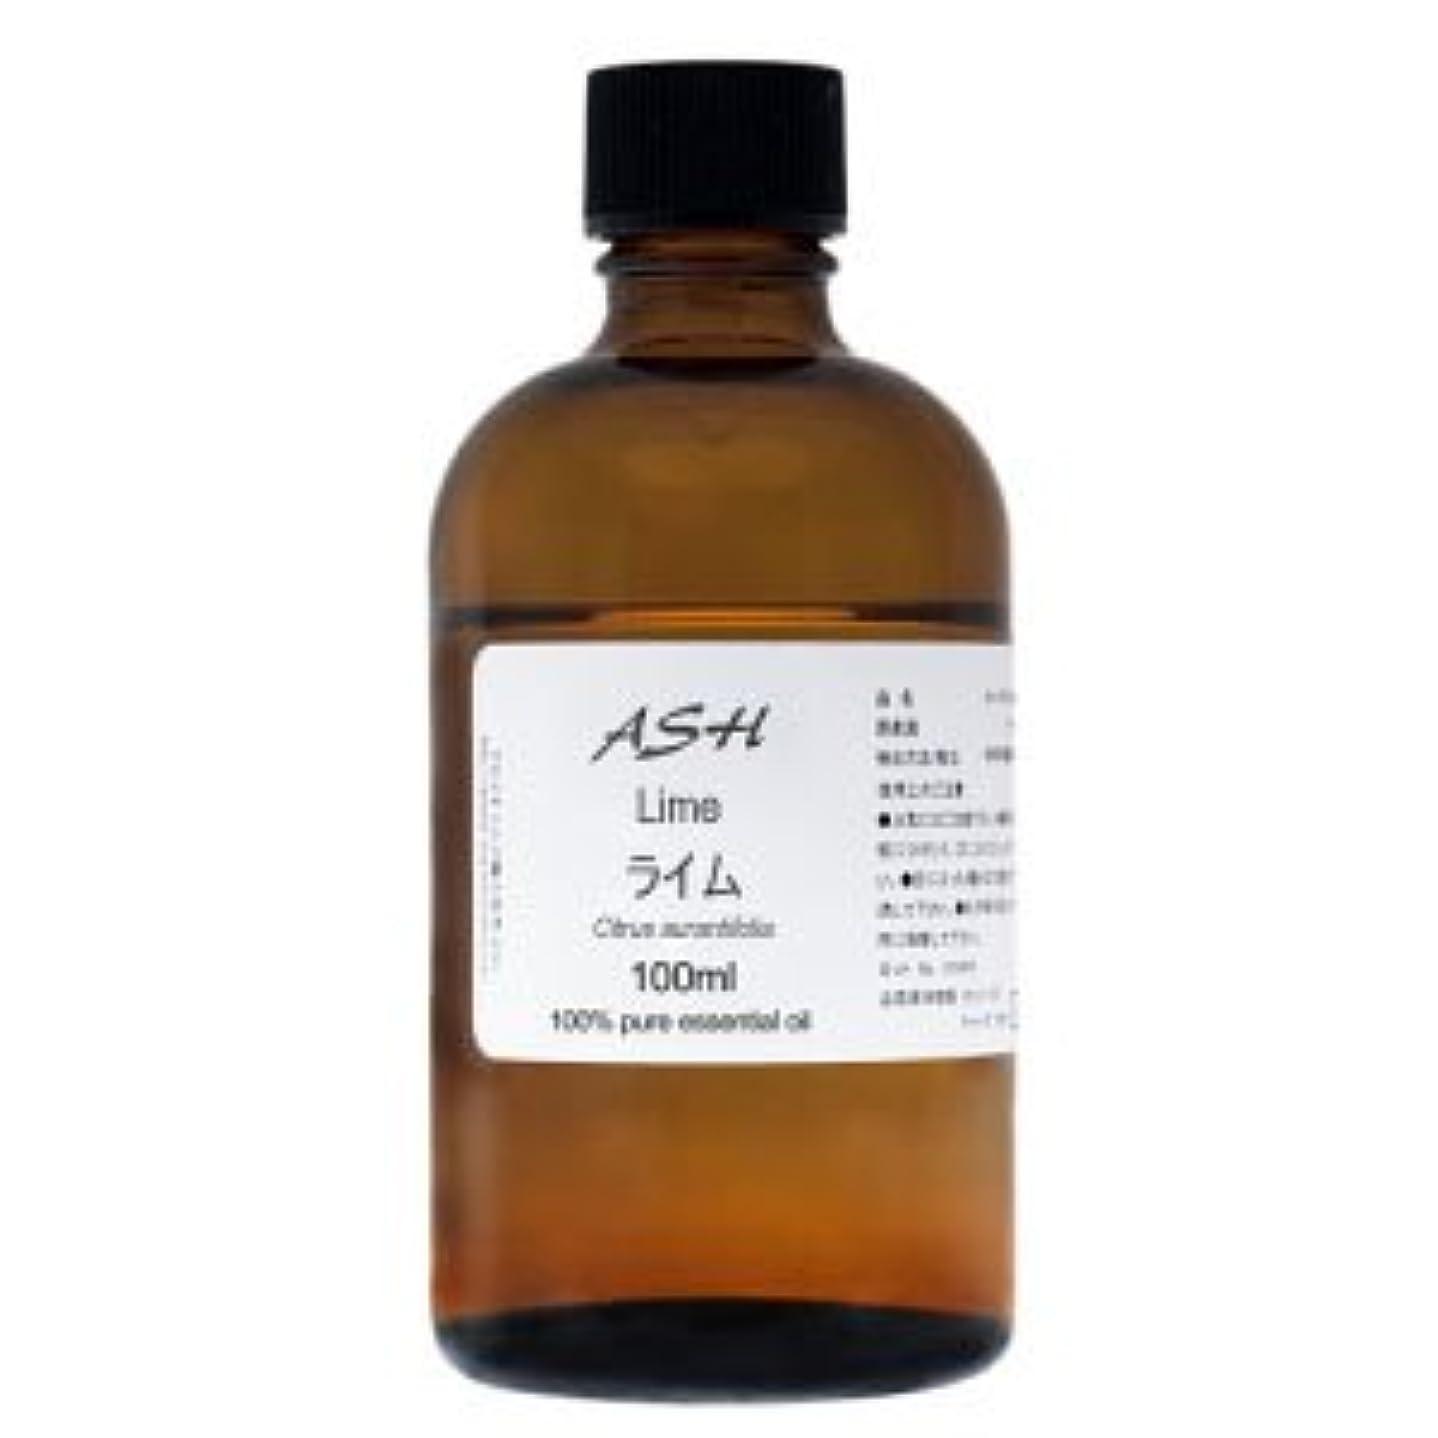 ぶどうアンビエント不名誉ASH ライム エッセンシャルオイル 100ml AEAJ表示基準適合認定精油